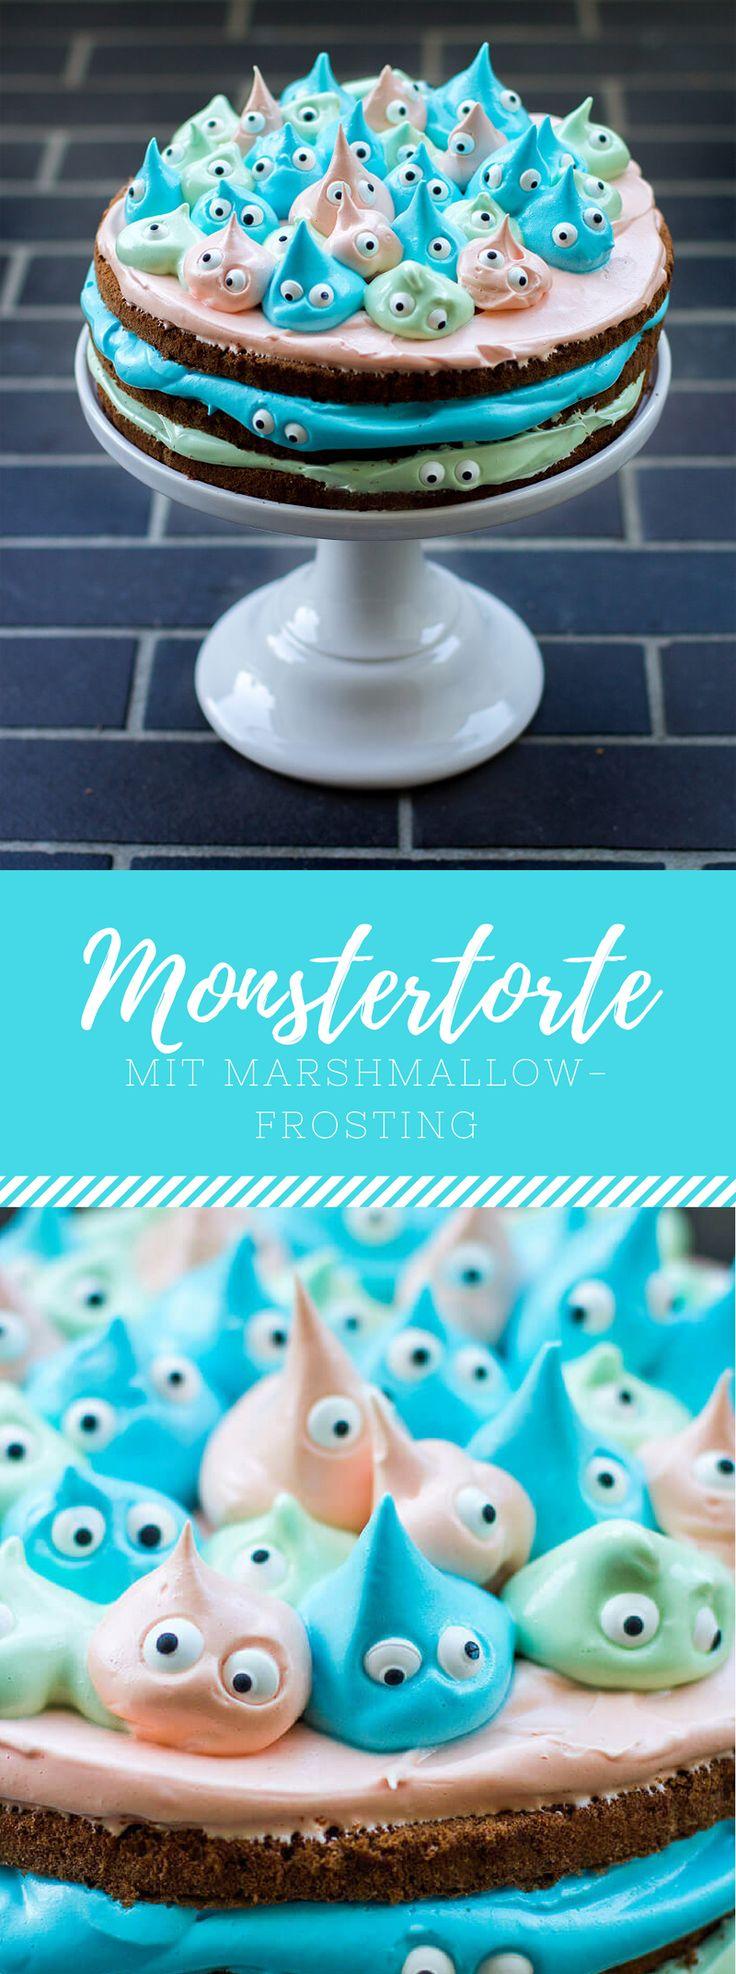 Monstertorte mit Marshmallow Frosting / Creme. Leckeres Rezept für Geburtstage, Kinderpartys oder Halloween!